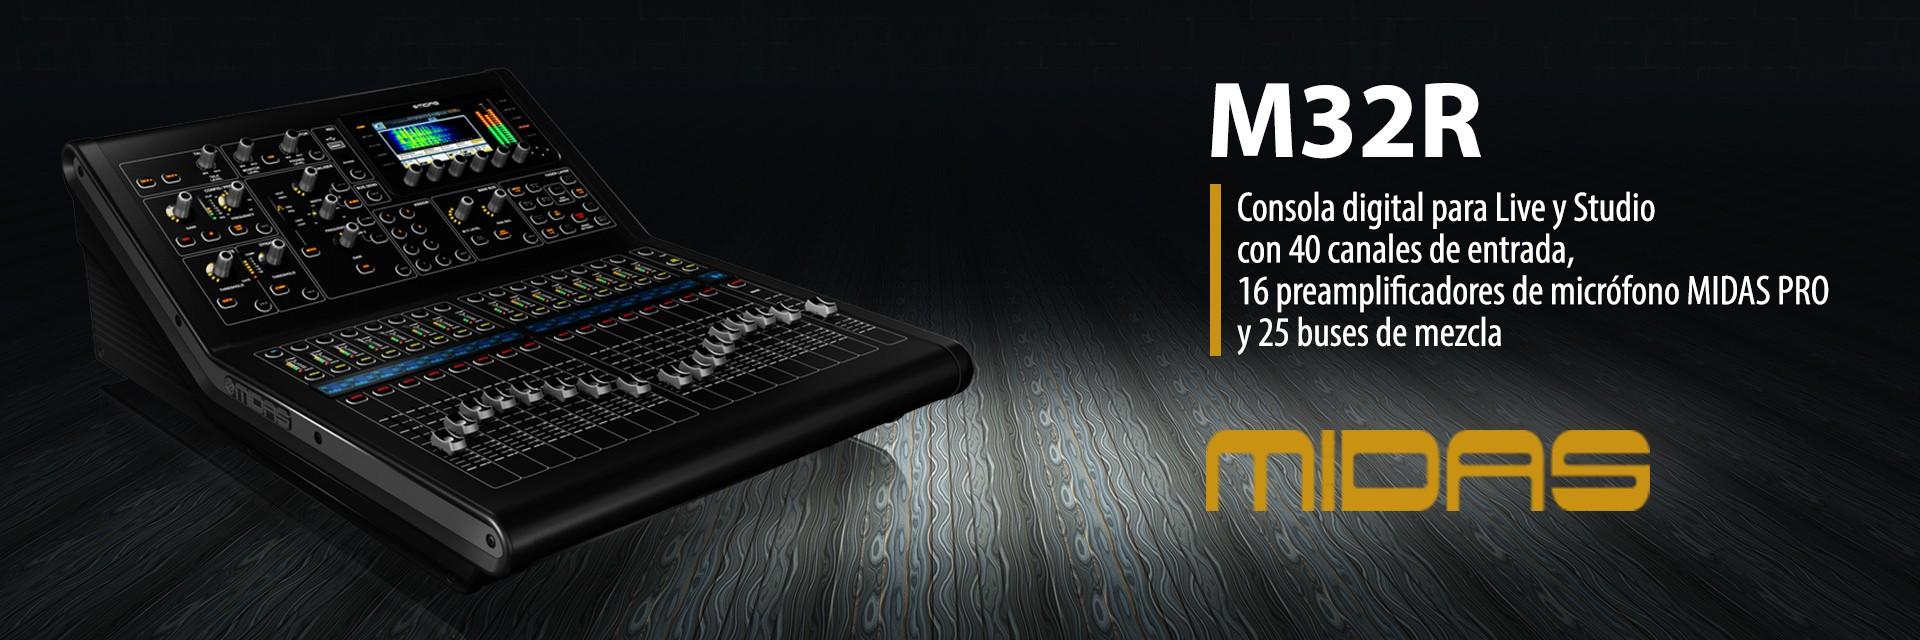 Consola digital para Live y Studio MIDAS M32R